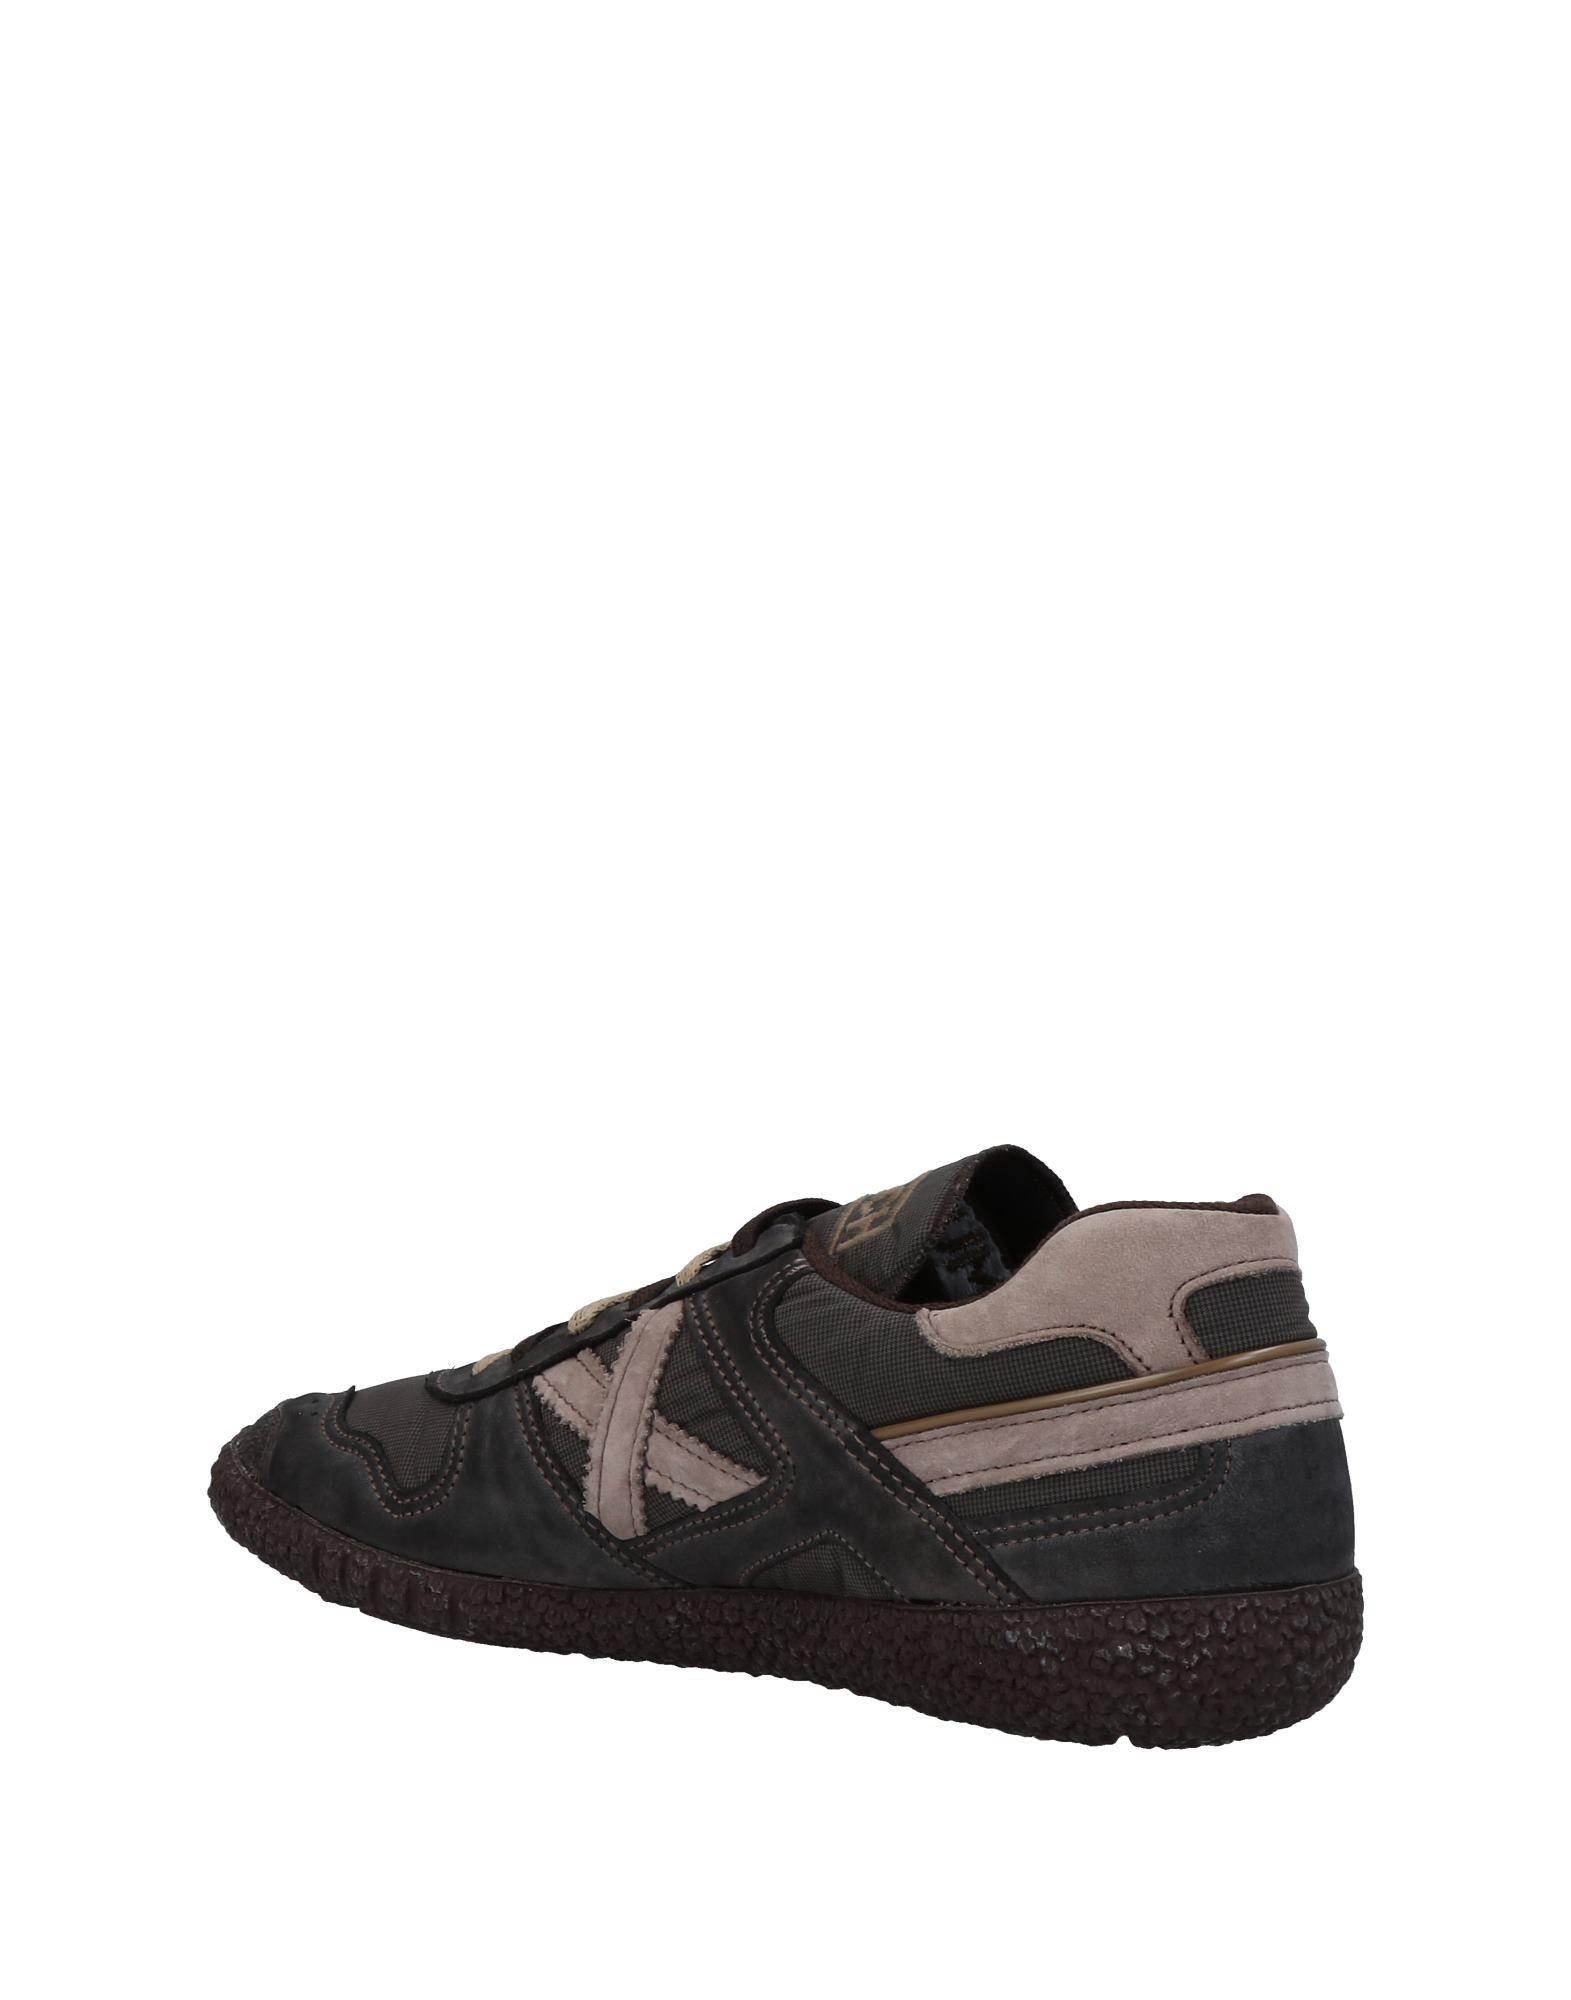 Munich Sneakers - Men Munich Sneakers online on  Canada Canada Canada - 11454637VB 44e353